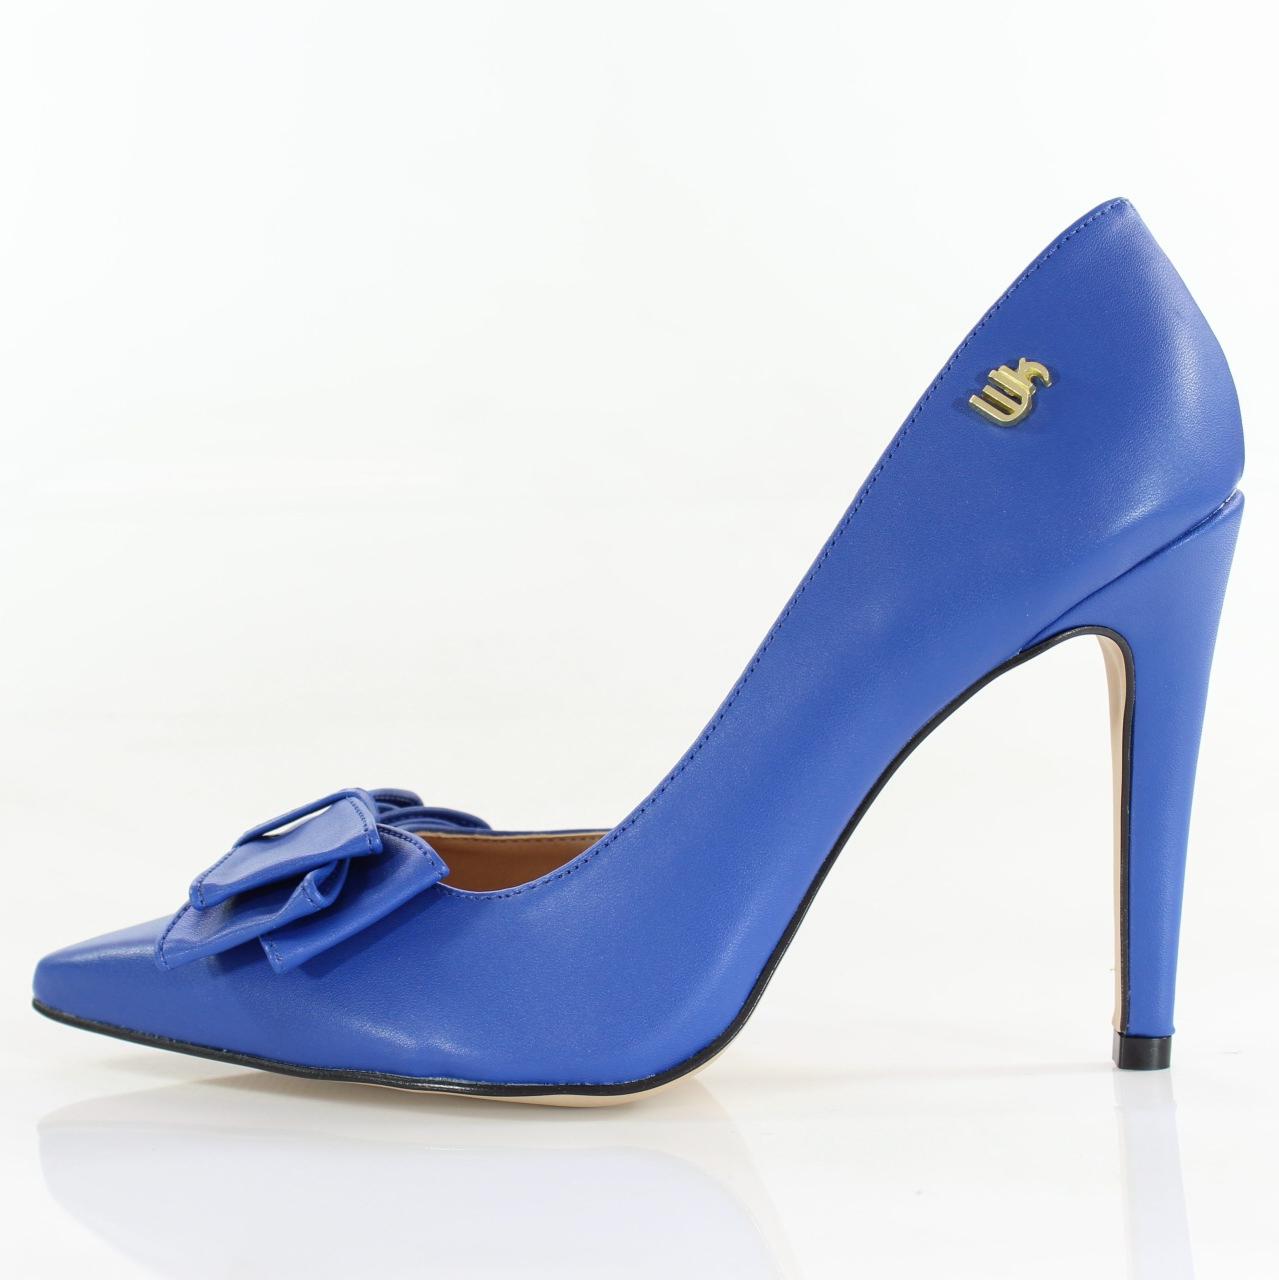 Sapatos femininos para pés pequenos não são significa que são calçados para crianças!